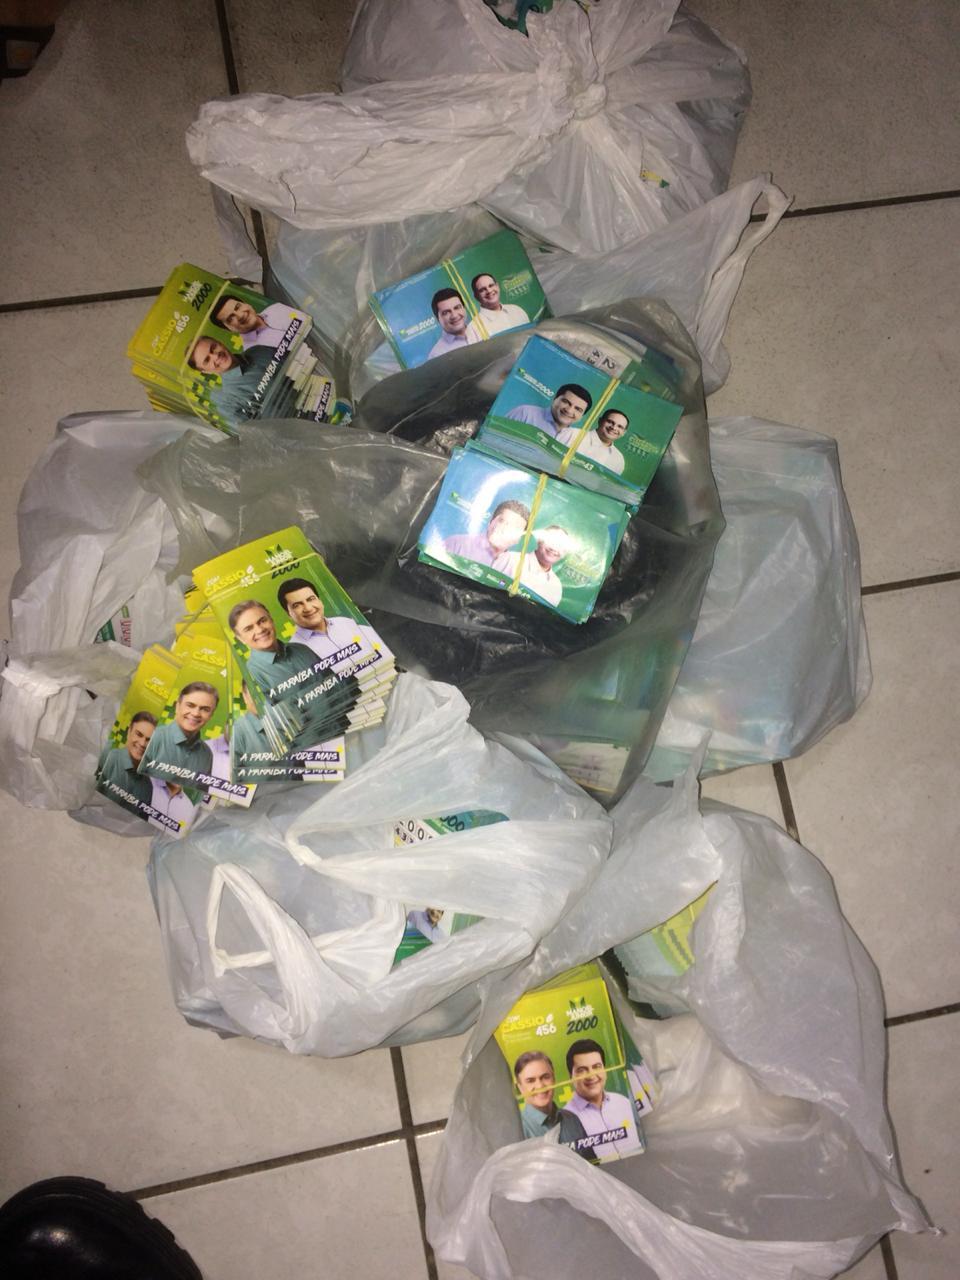 Operação Voto Seguro: em Patos, polícia apreende dinheiro, lista de eleitores e 'santinhos' de candidatos